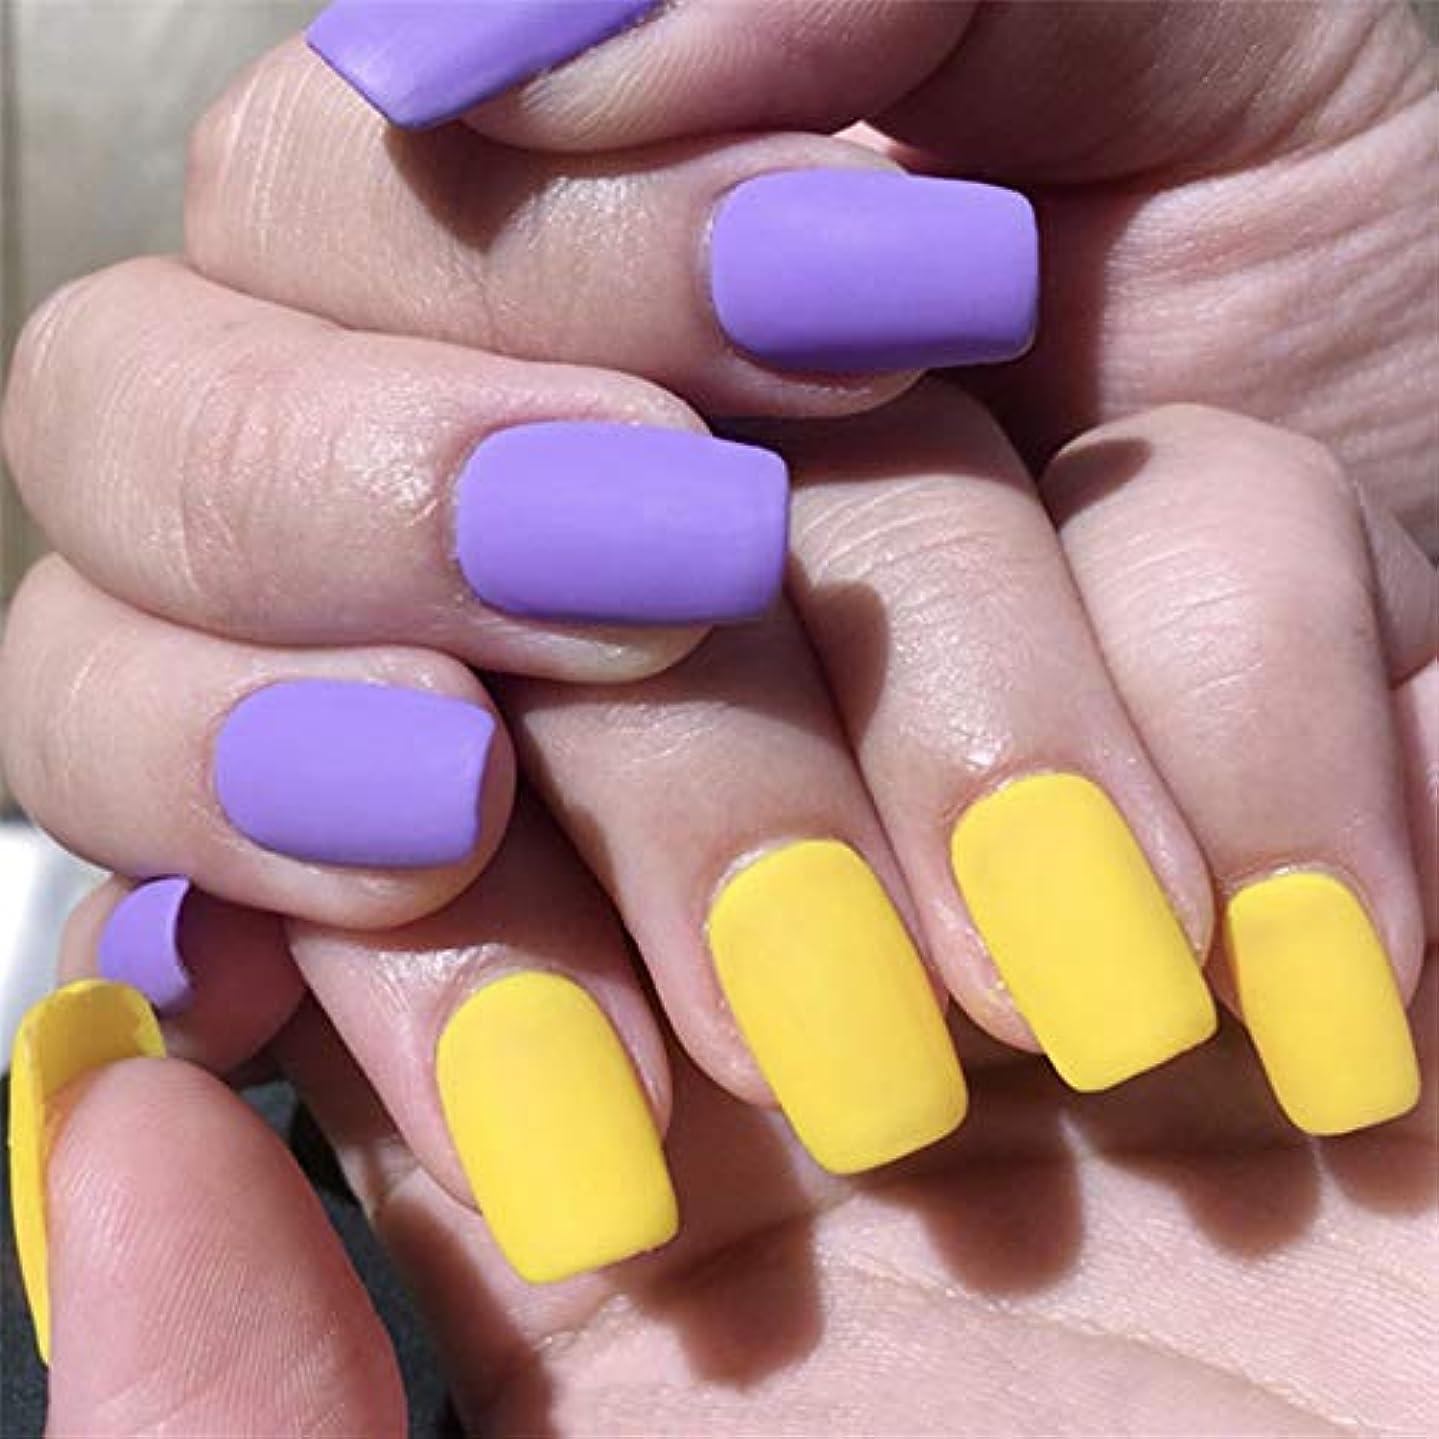 定期的番号ピアXUTXZKA 24ピース偽爪黄色紫マットヒールマルチカラーブライダル偽爪人工自己接着チップステッカー